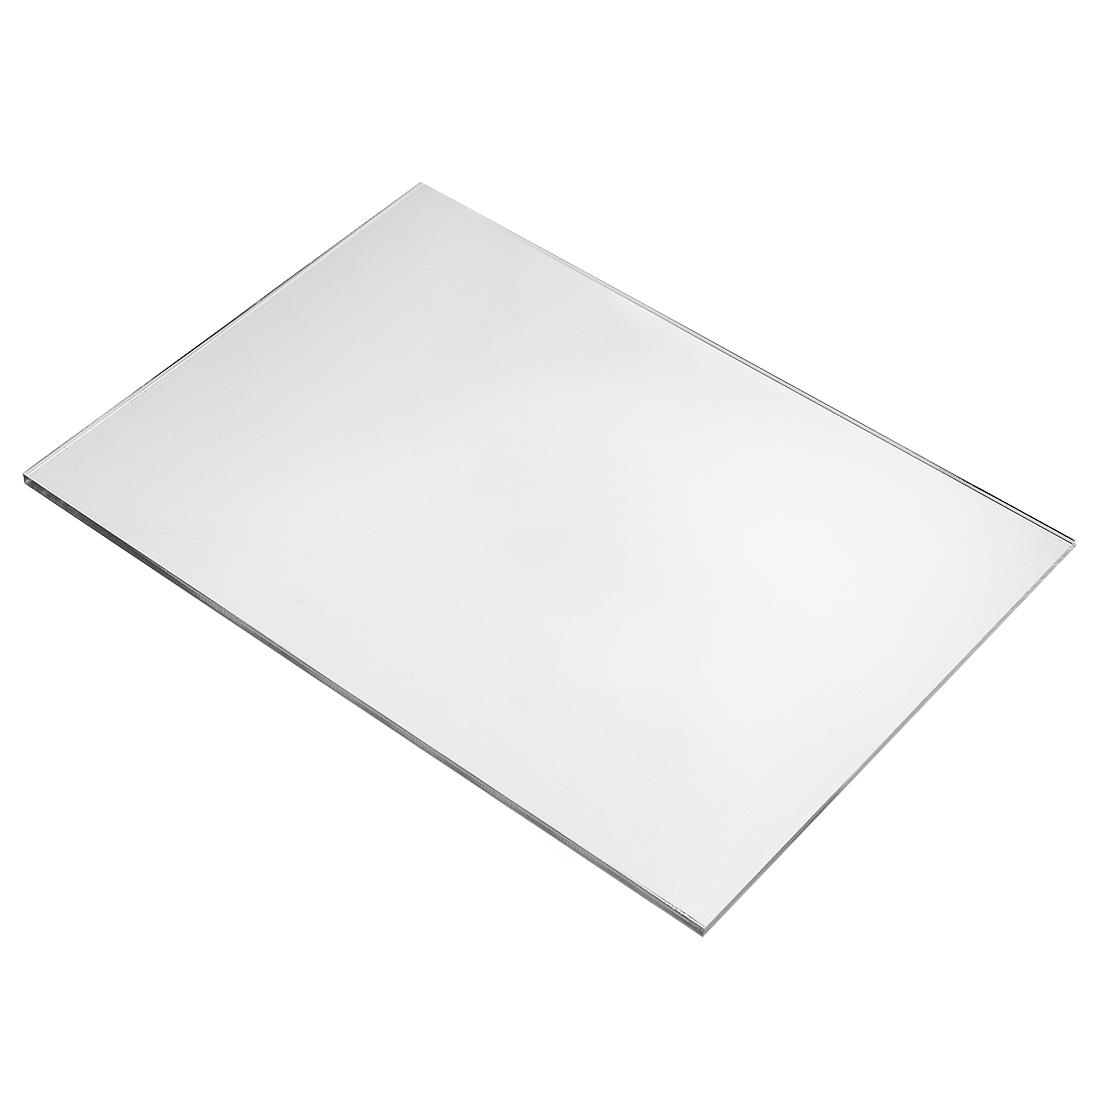 Clear Plastic Acrylic Plexiglass Sheet A4 Size 210mm x 297mm x 5mm